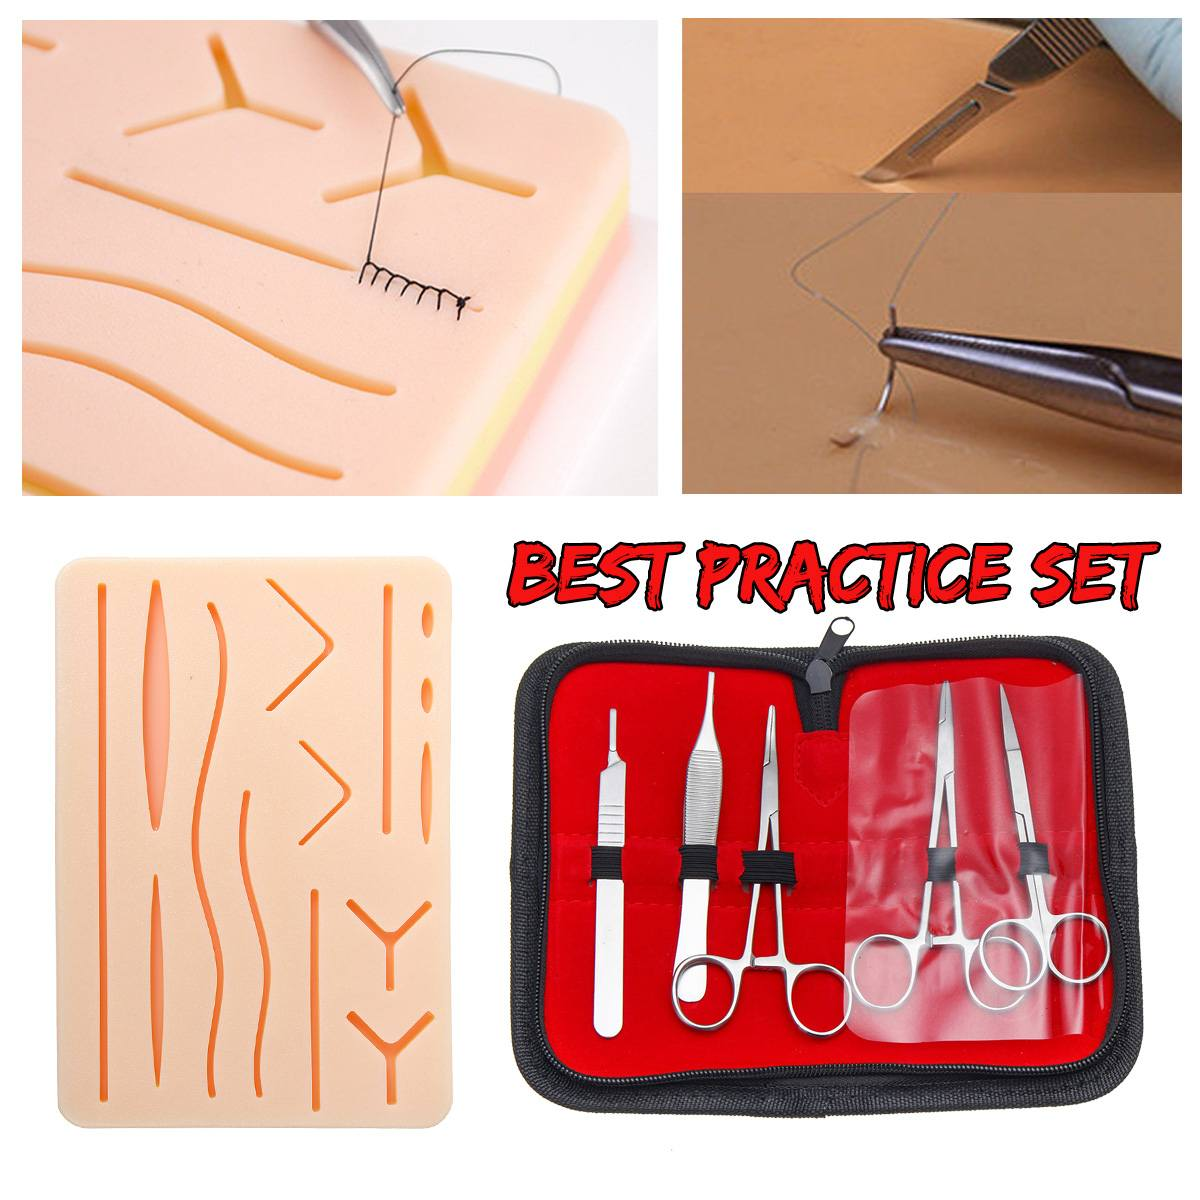 Kit de formation de Suture médicale modèle de pratique de Suture de la peau ensemble de Pad de formation de Suture ciseaux à aiguilles pince à épiler docteur infirmière enseignement - 3